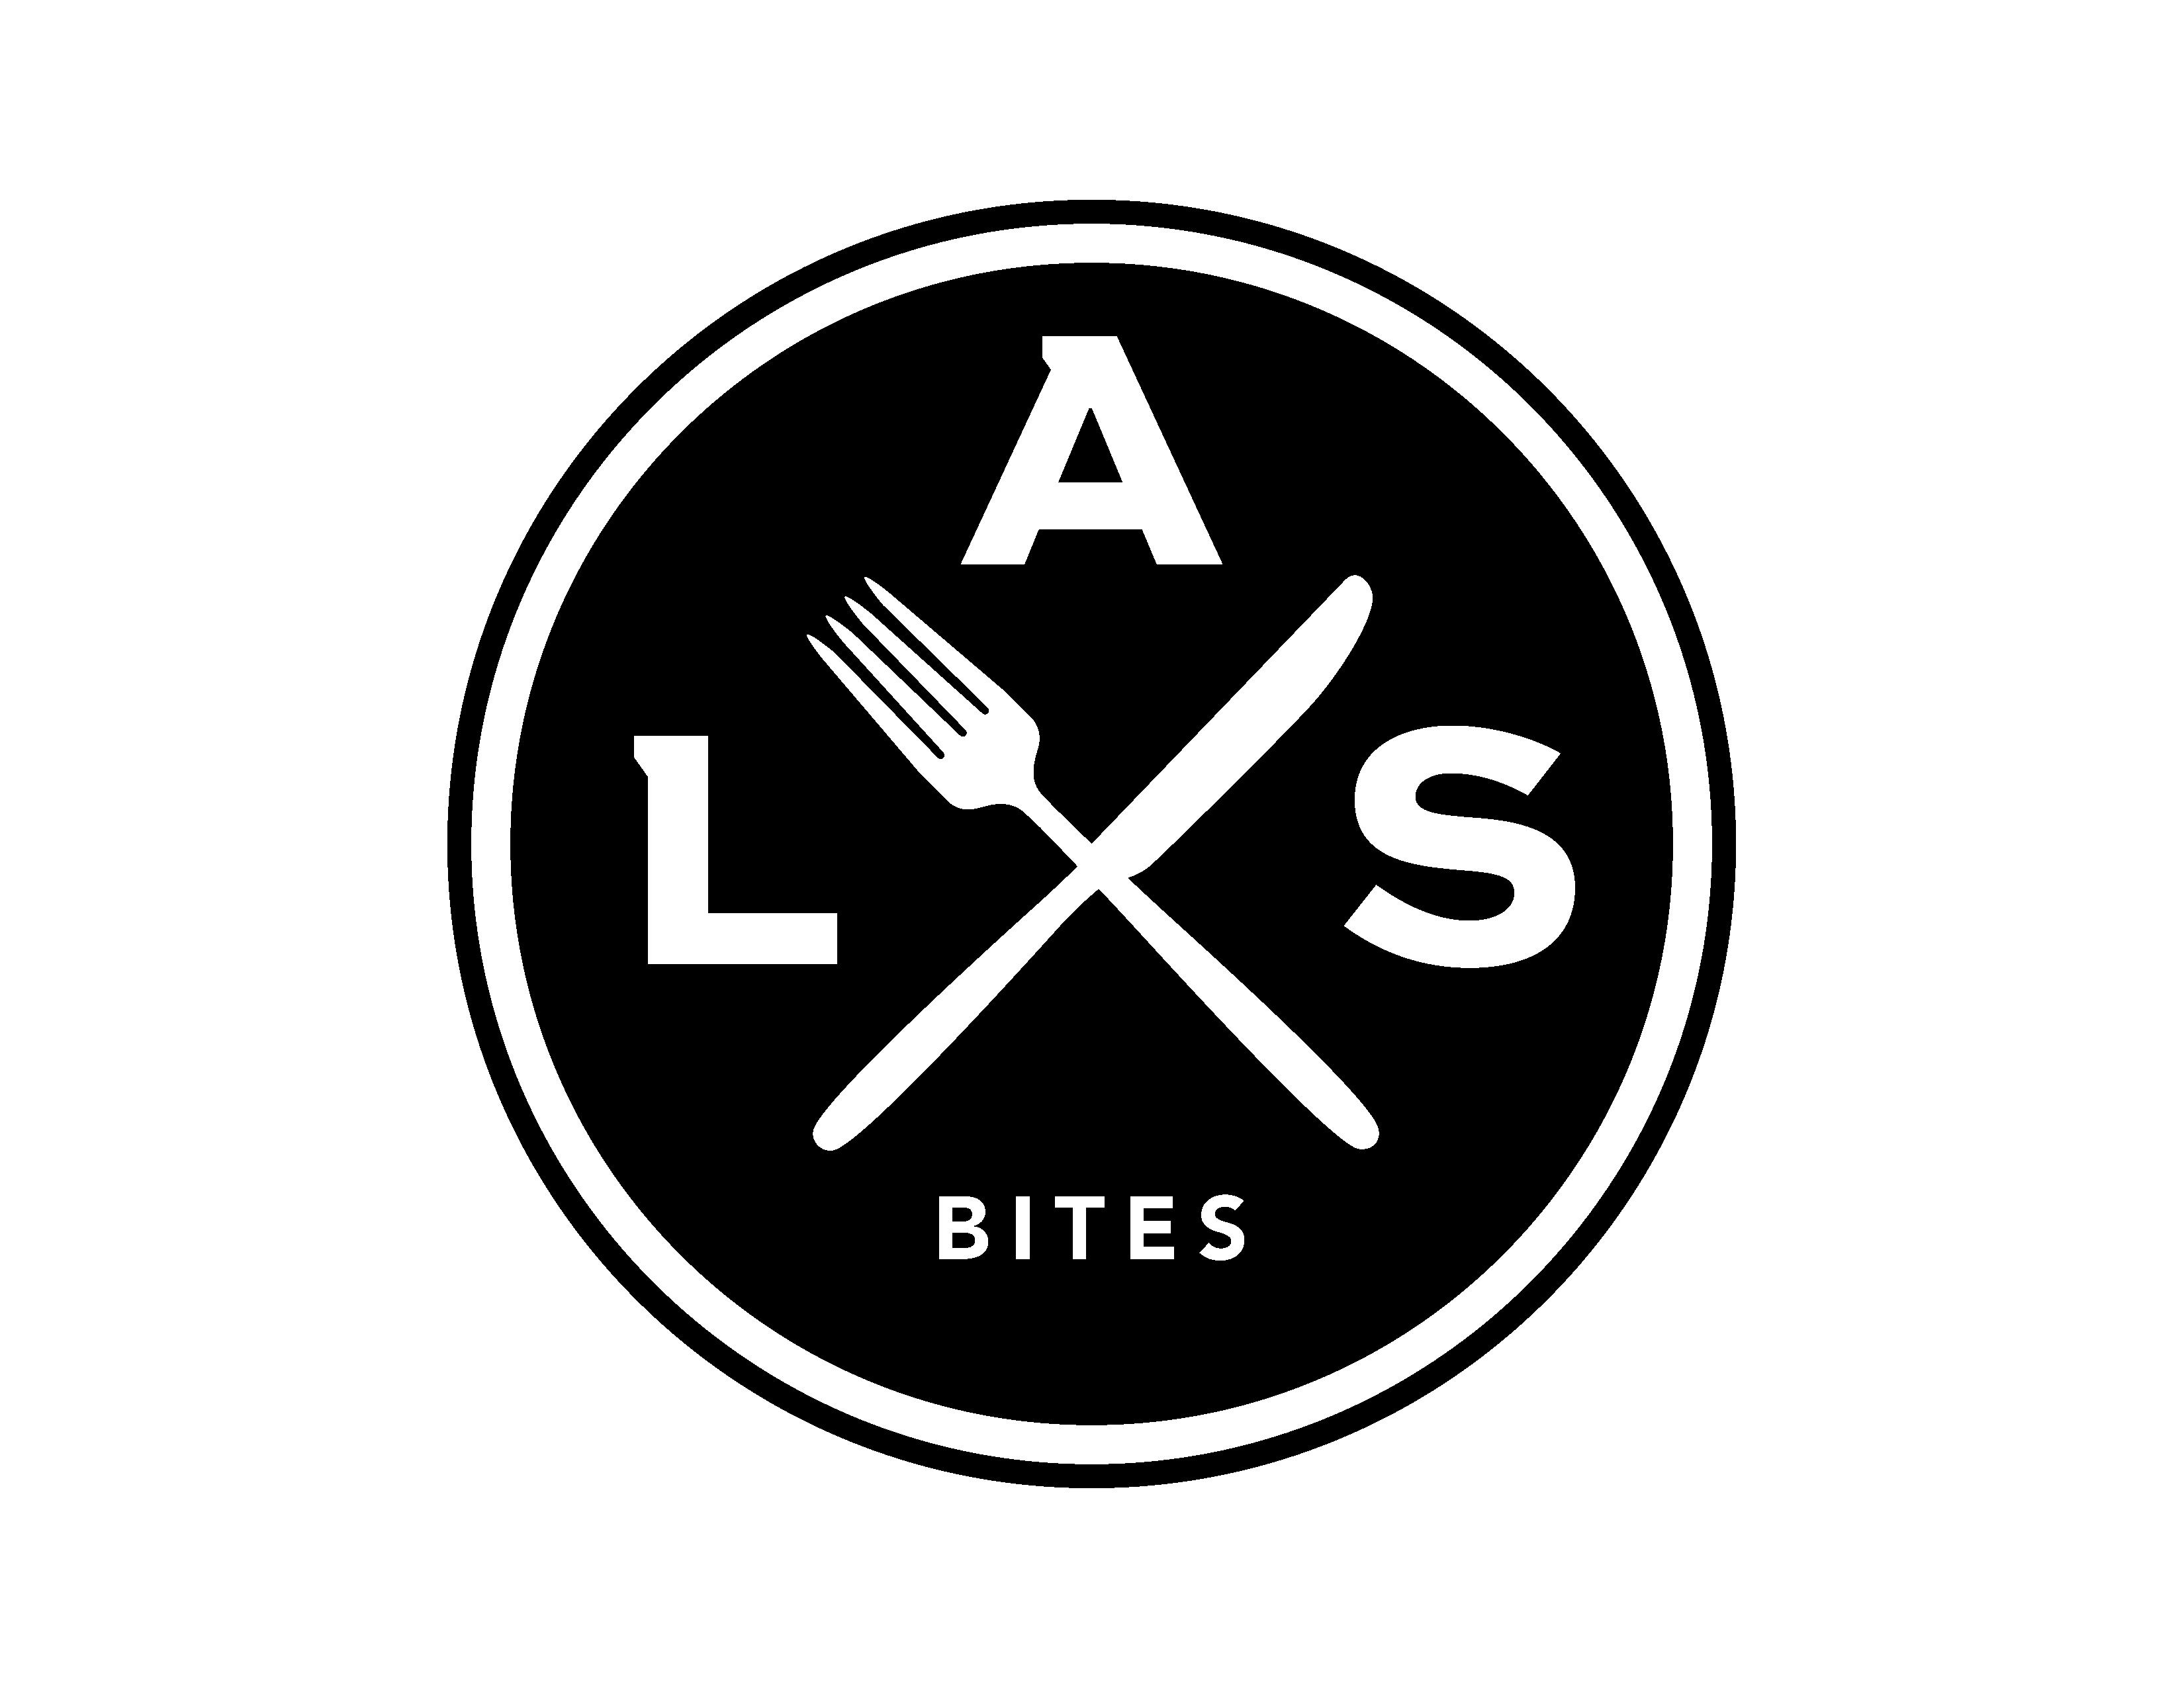 BB_ALSbites_Logo2018_1C_Dark